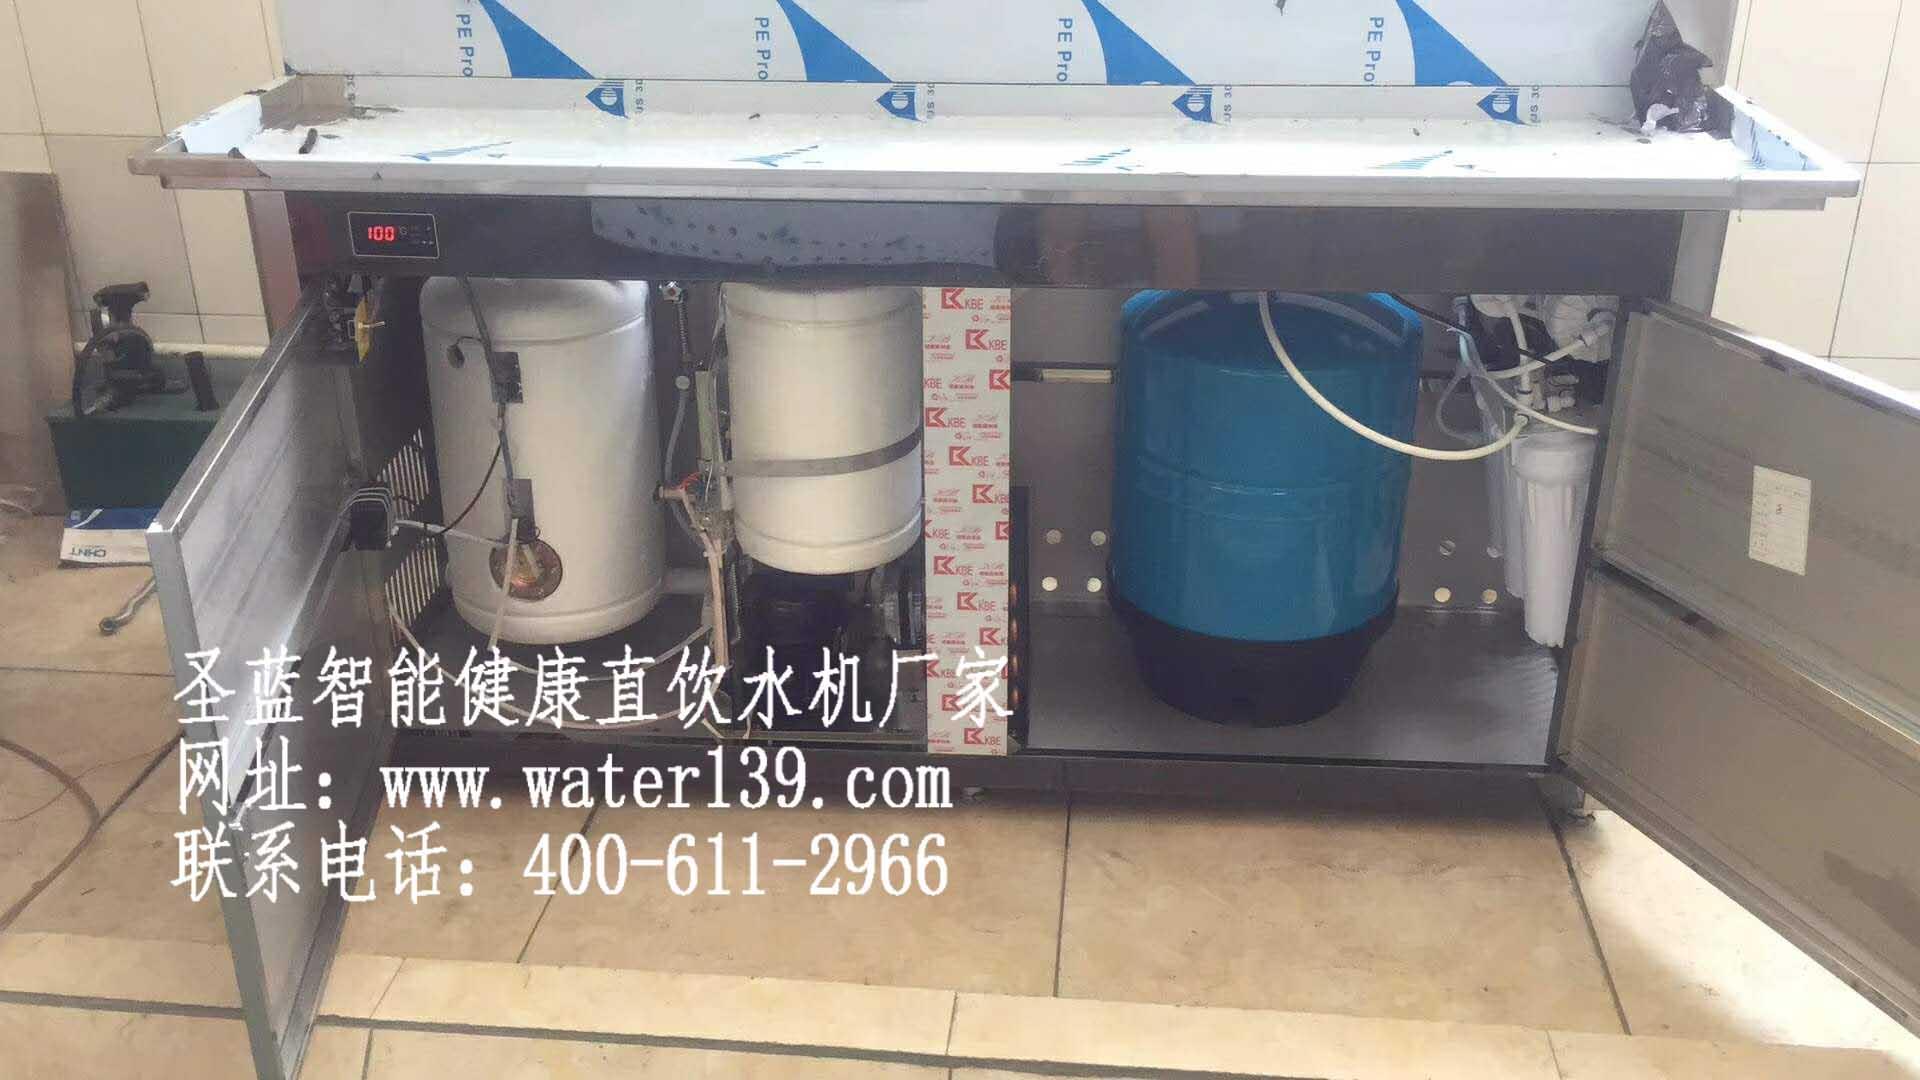 校园直饮水机维护保养很重要